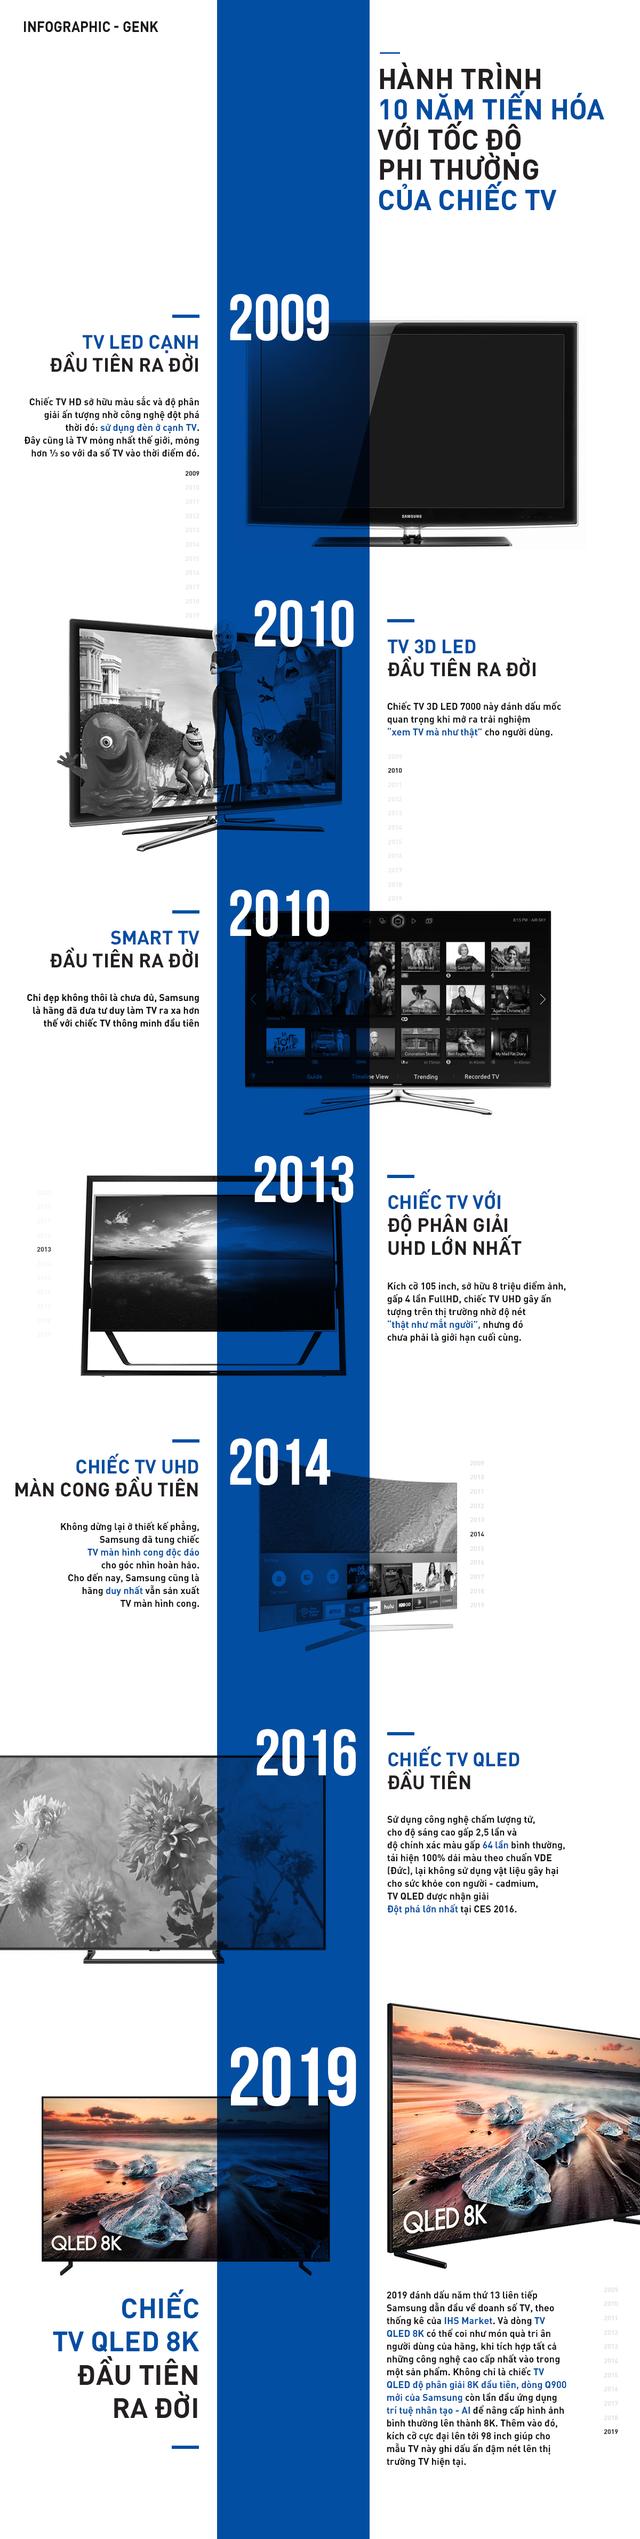 Hành trình 10 năm tiến hoá với tốc độ phi thường của chiếc TV - Ảnh 1.